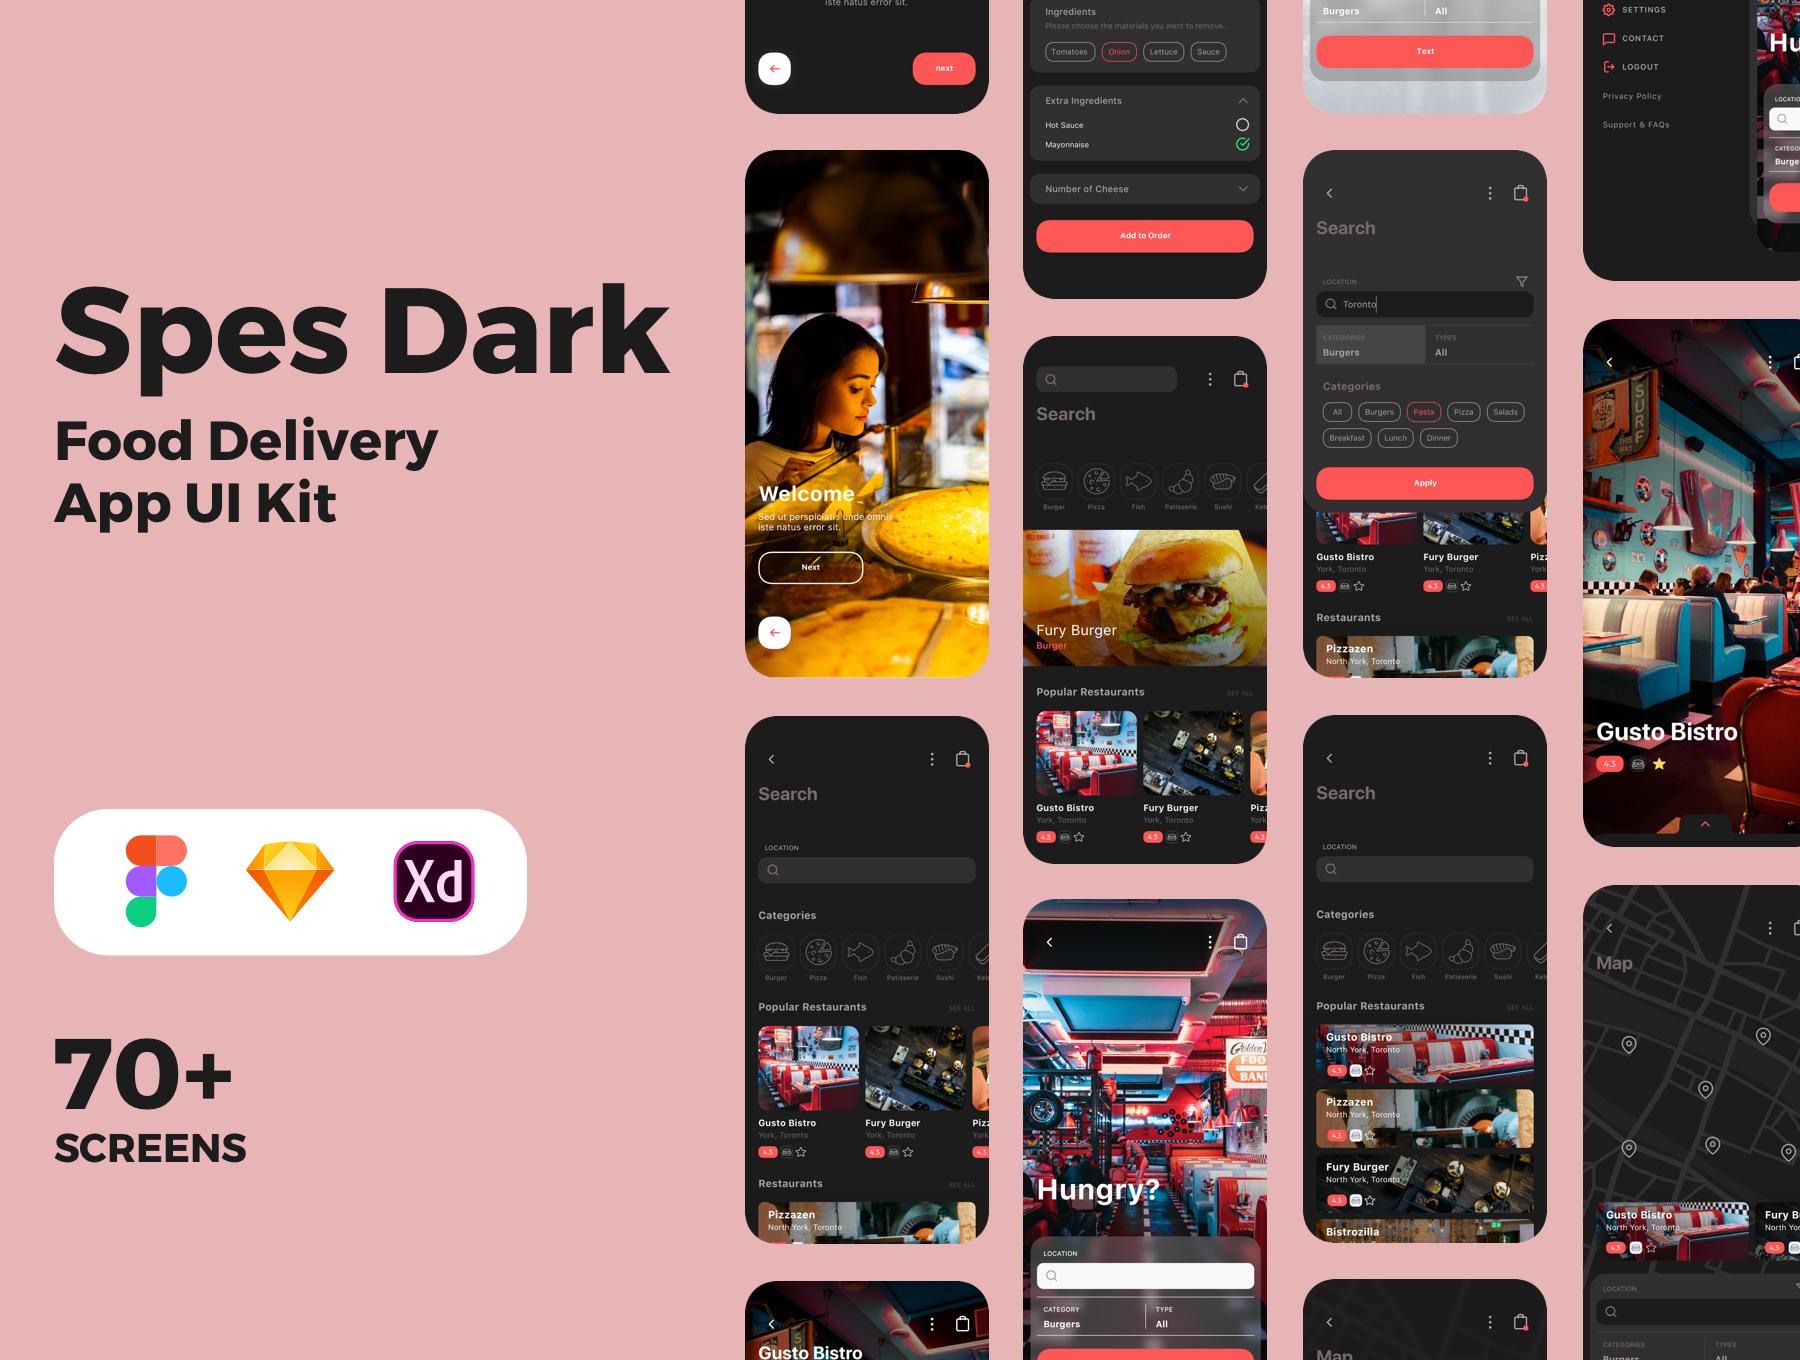 食品外卖配送服务移动应用APP界面设计UI套件 Spes Dark Food Delivery App UI Kit插图